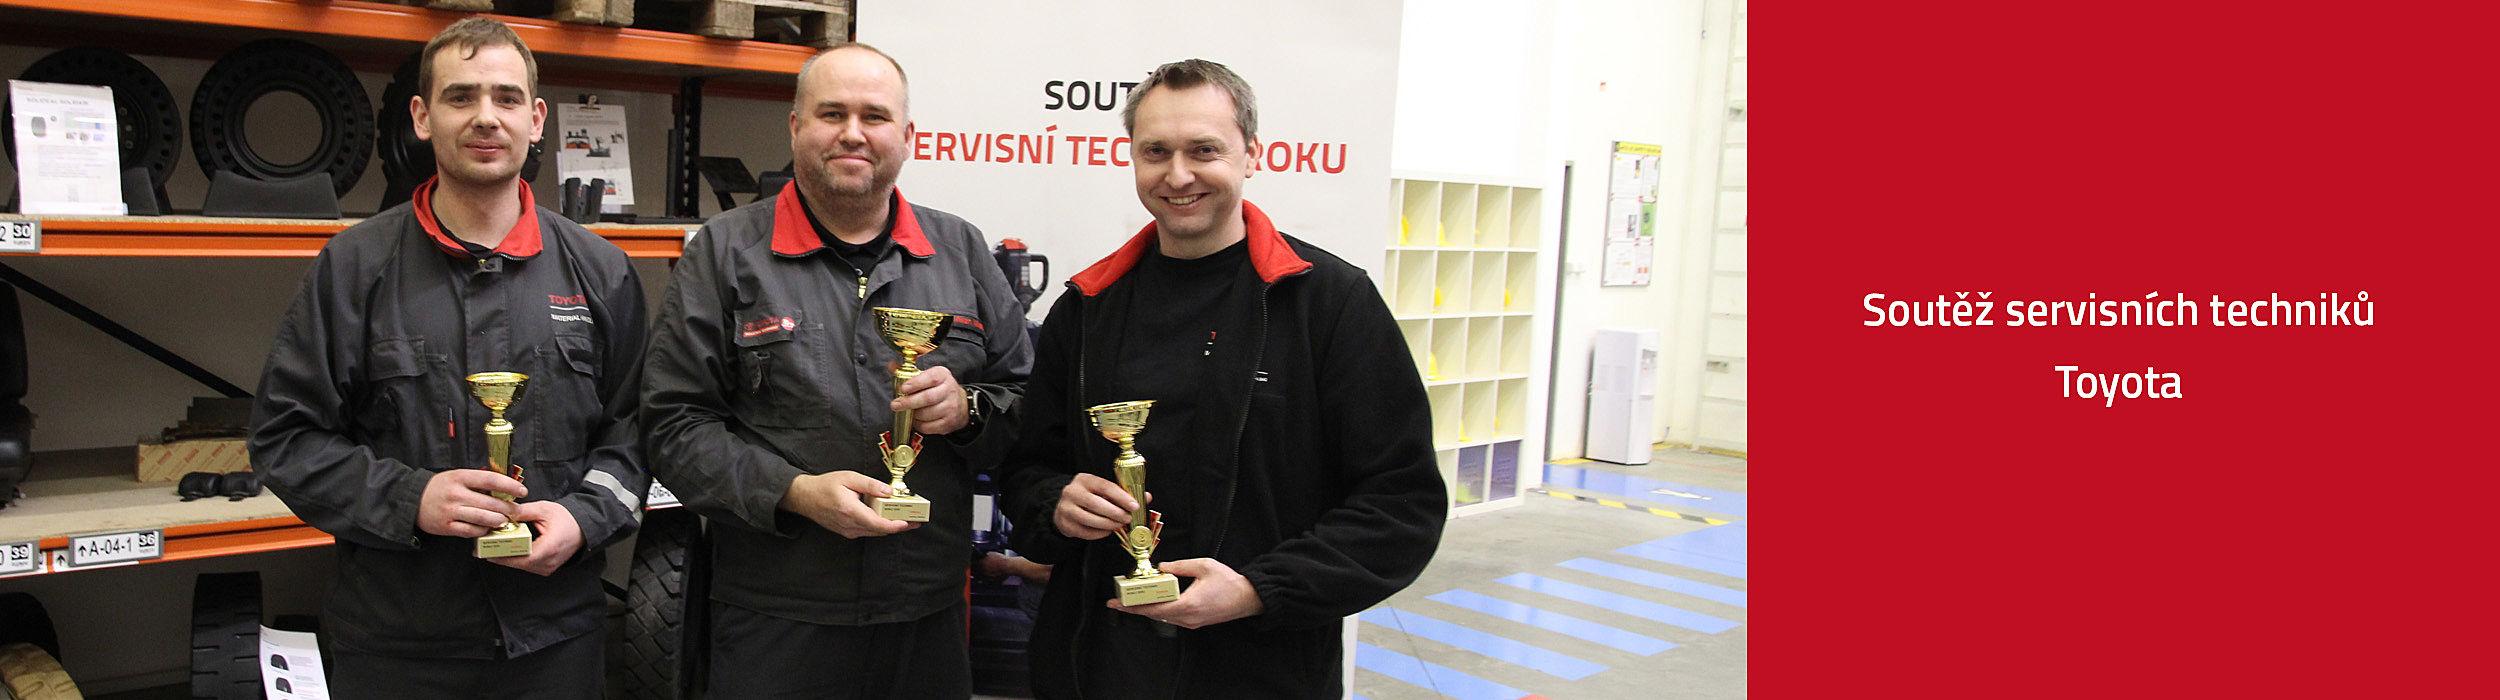 Soutěž servisních techniků Toyota - vítězové